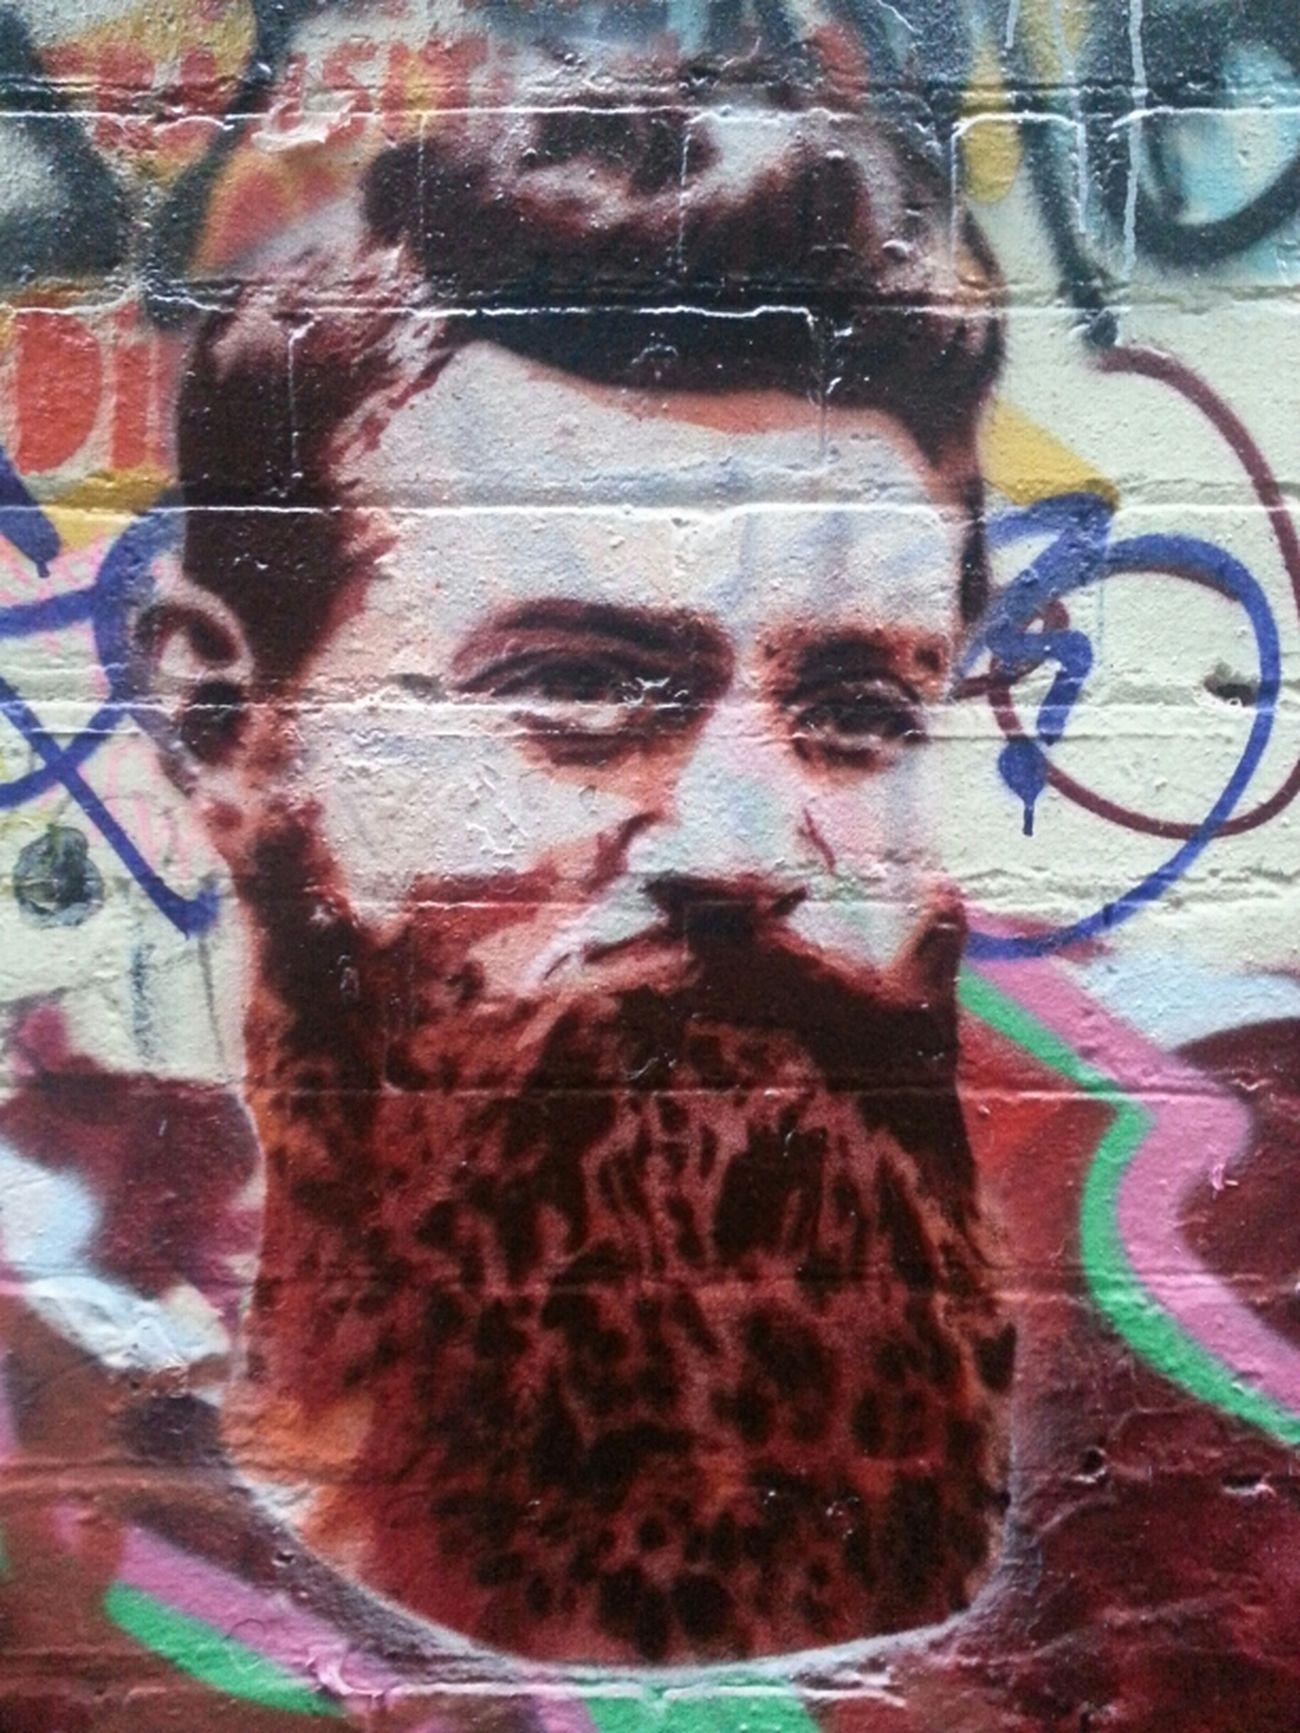 Graffiti Streetart Stencil Ha-ha